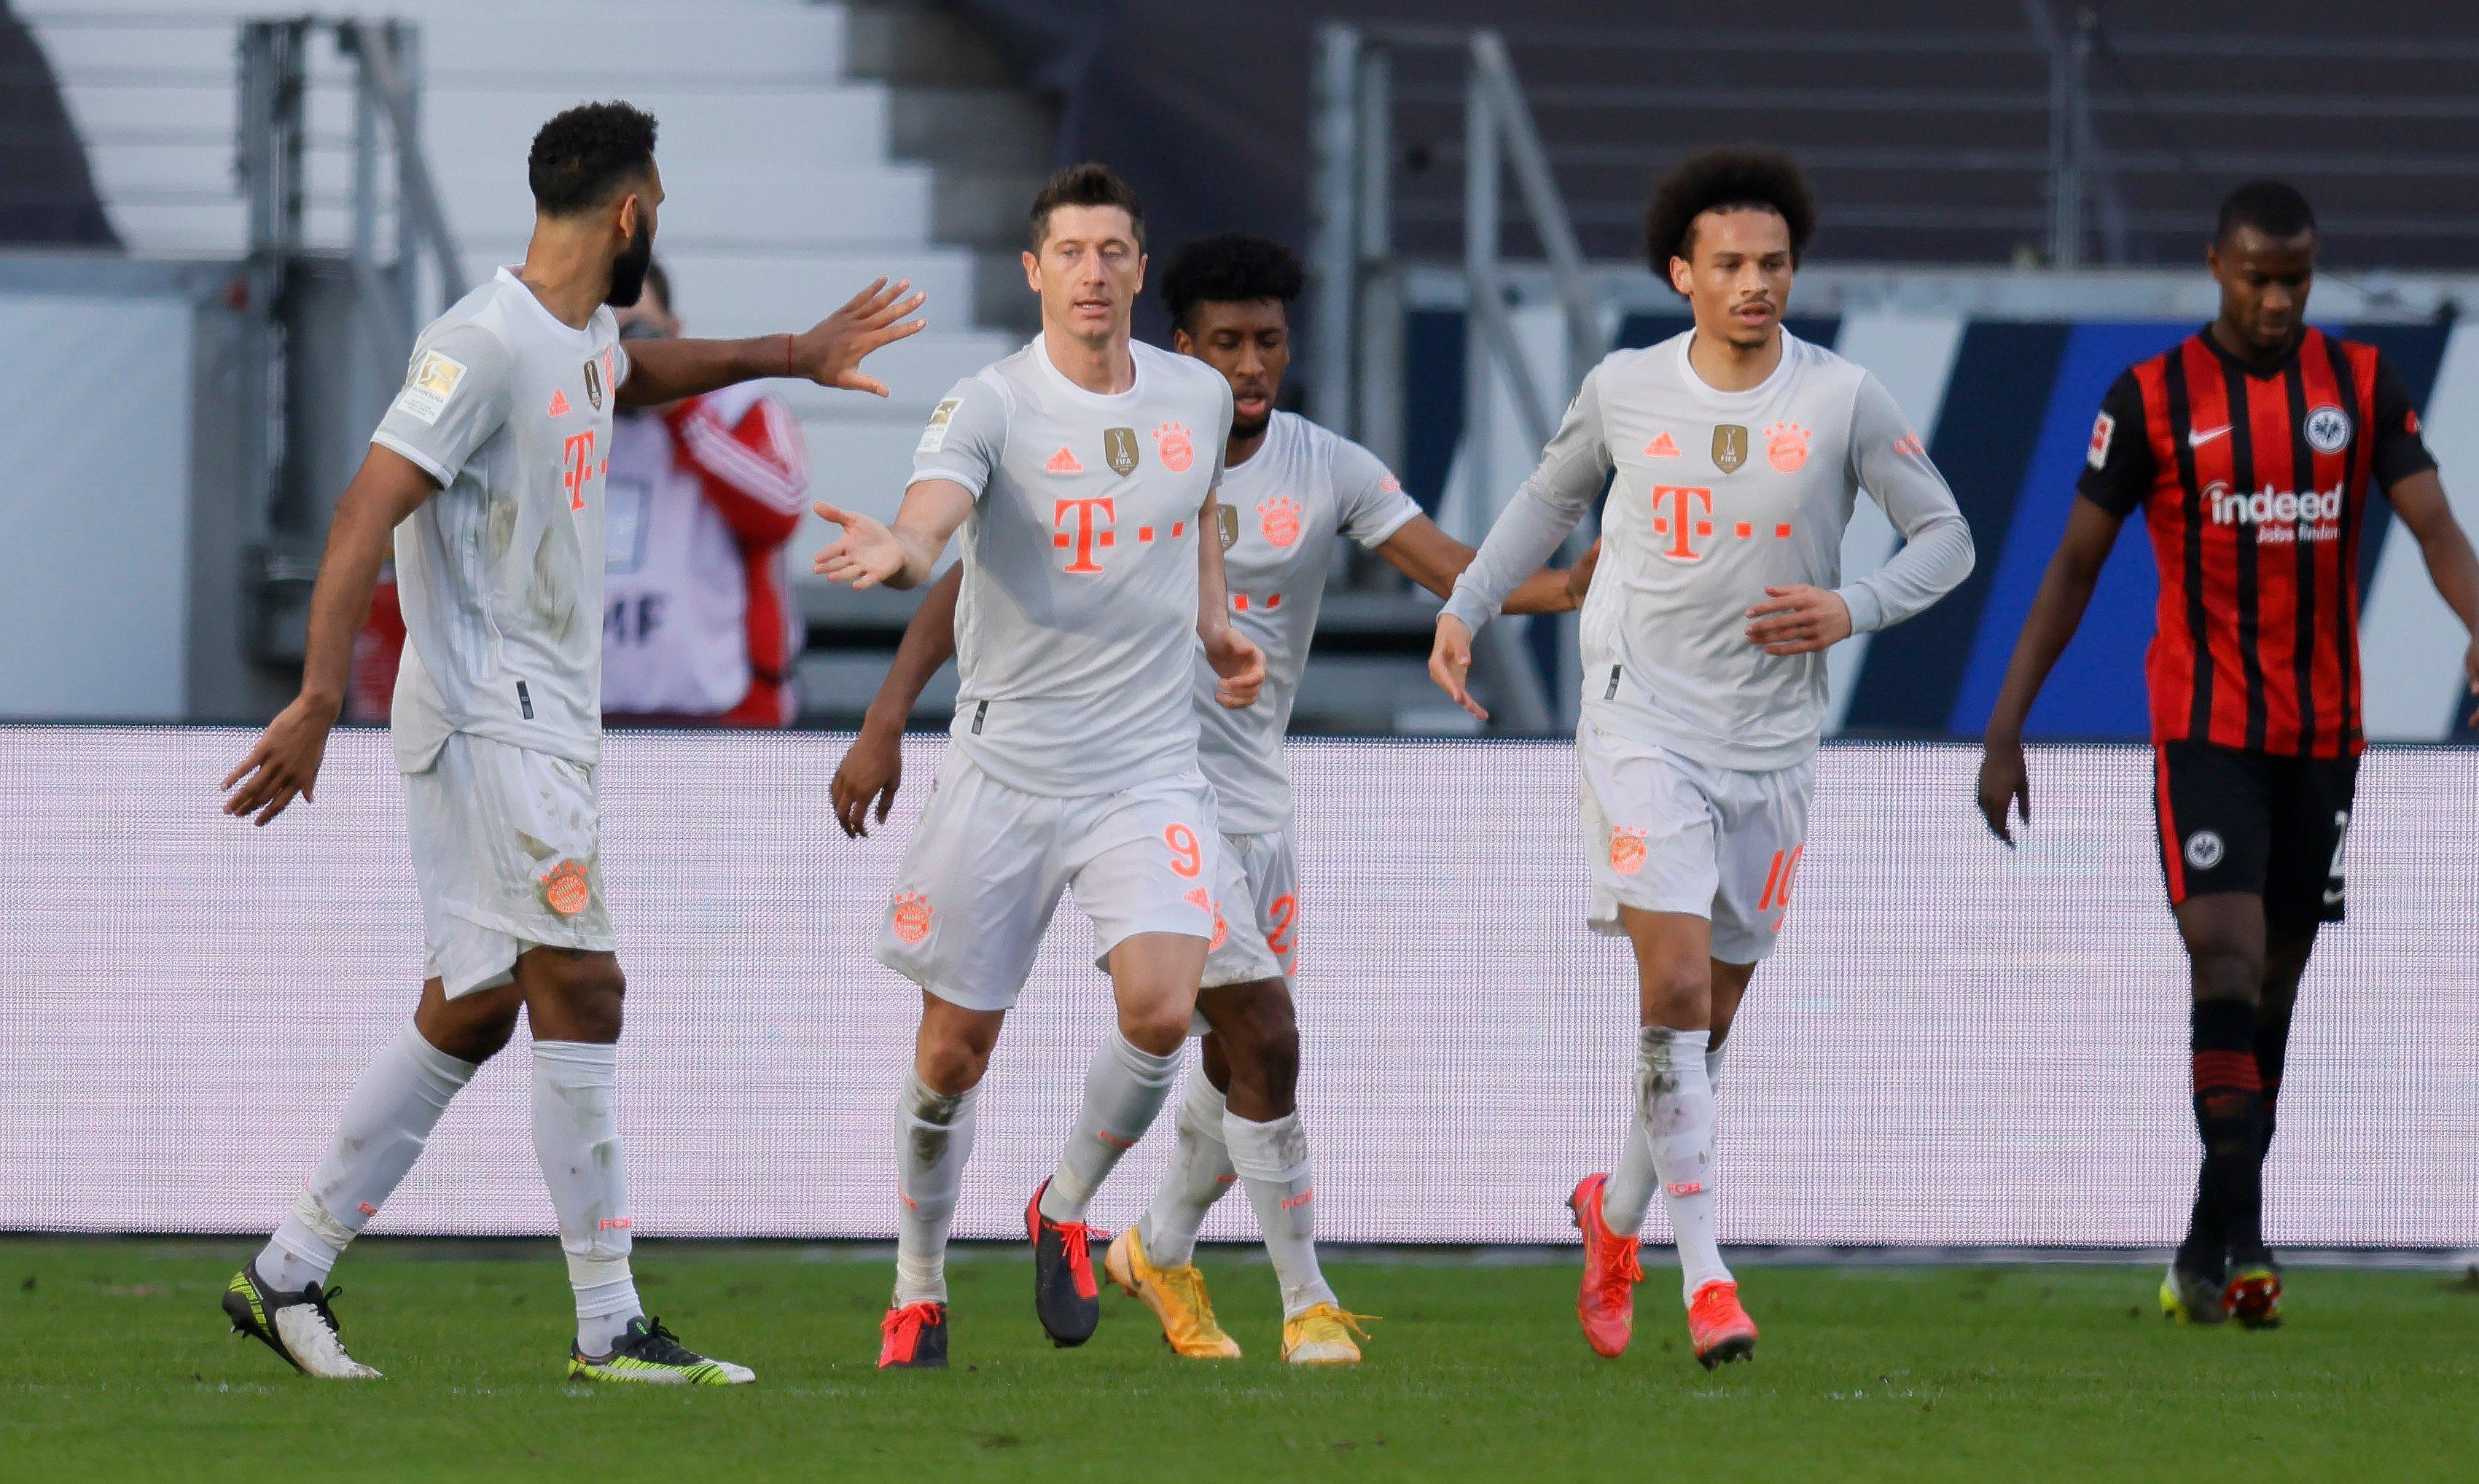 «Бавария» уступила «Айнтрахту», потерпев третье поражение в сезоне